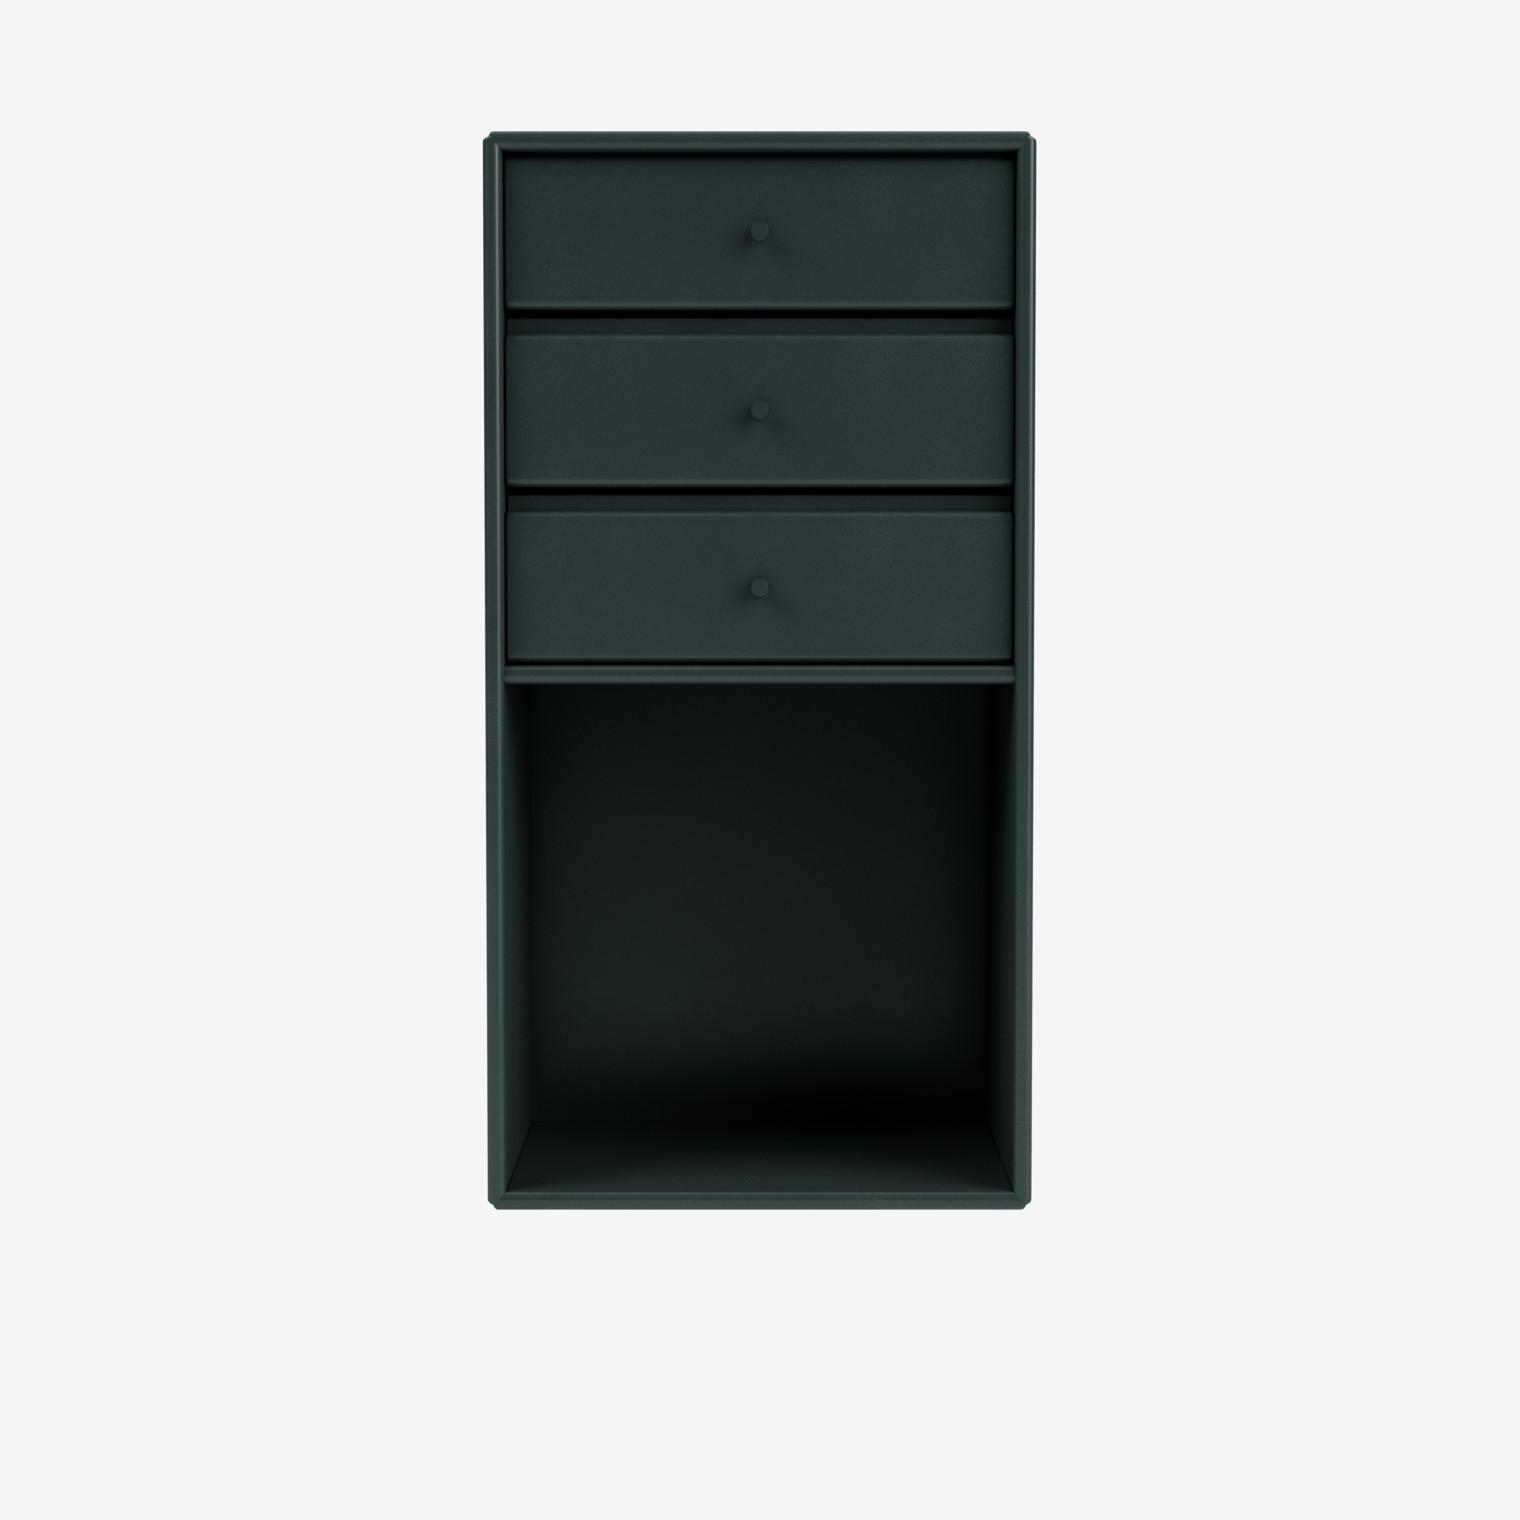 Drawer module 1462